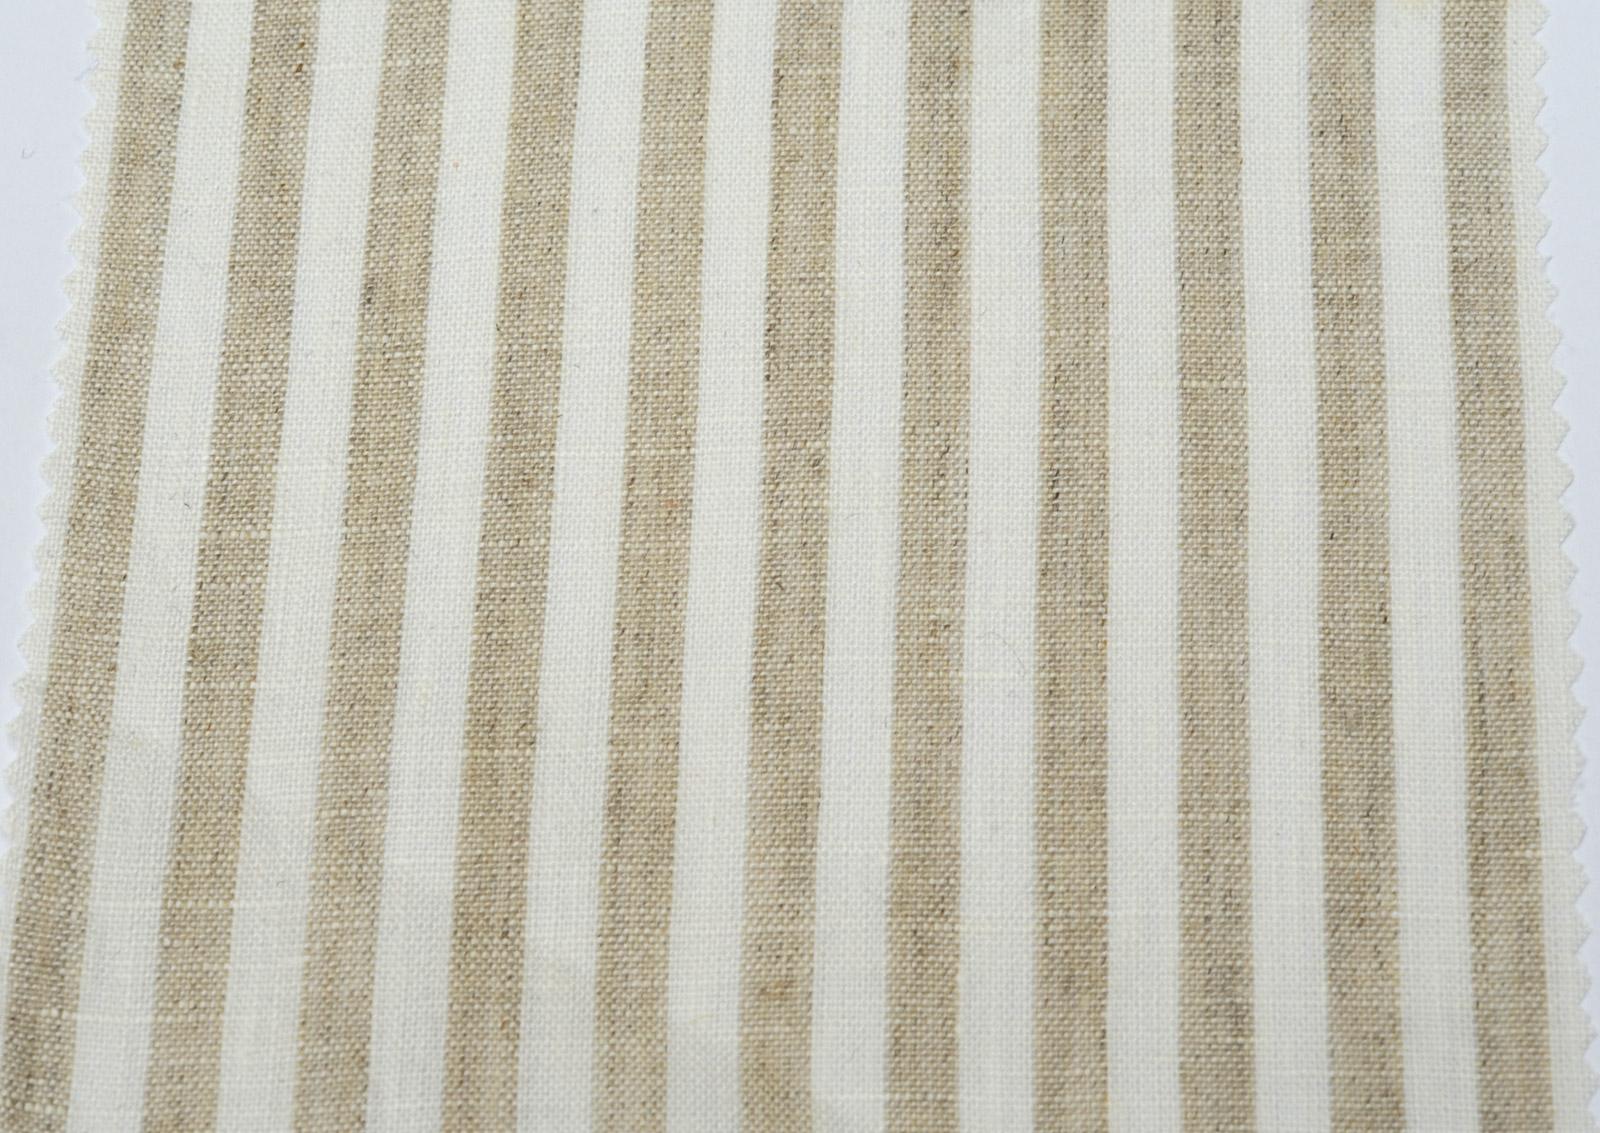 A 9 100 % Leinen 150 cm vorgewaschen - A 9 100 % linen 150 cm prewashed